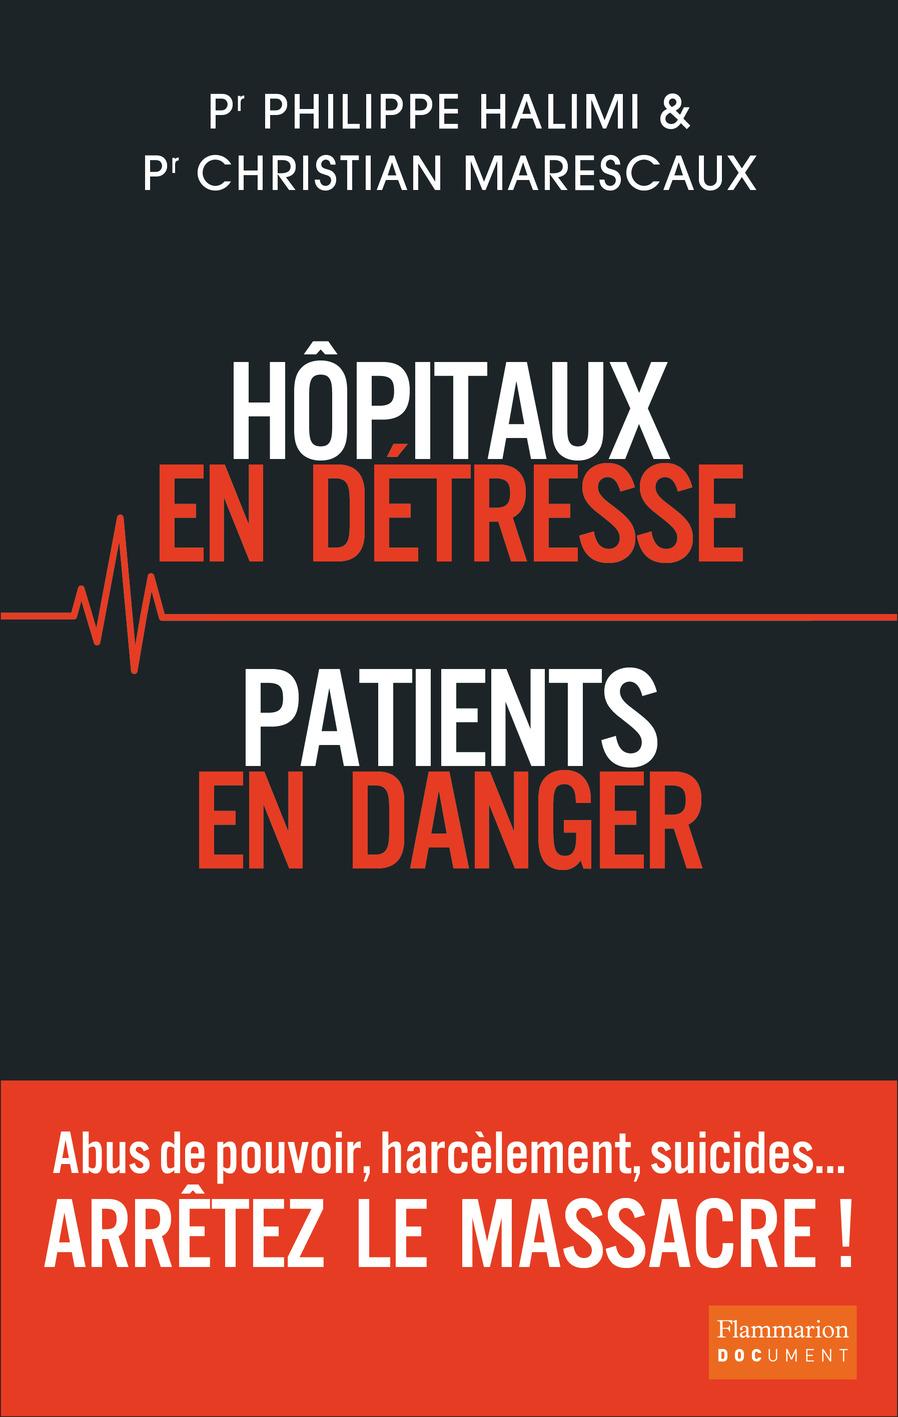 Hôpitaux en détresse, Patients en danger - Arrêtez le massacre ! |